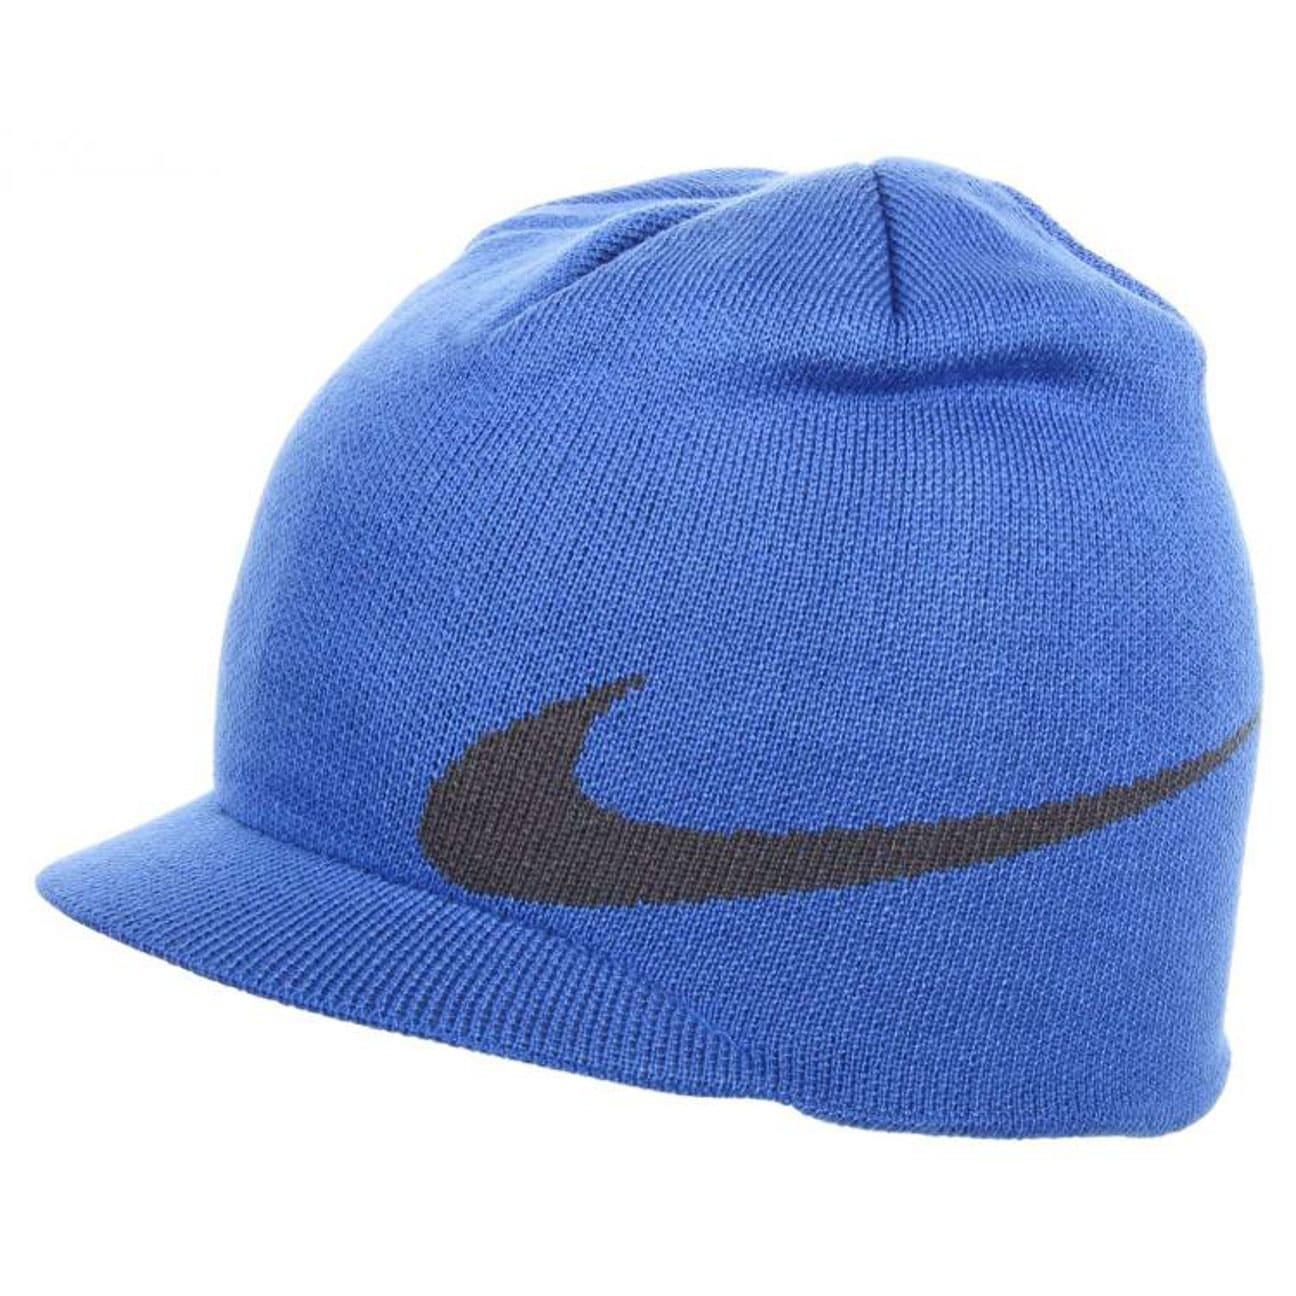 52ec75245a90c Sporty Peak Pull On by Nike - blue 1 ...